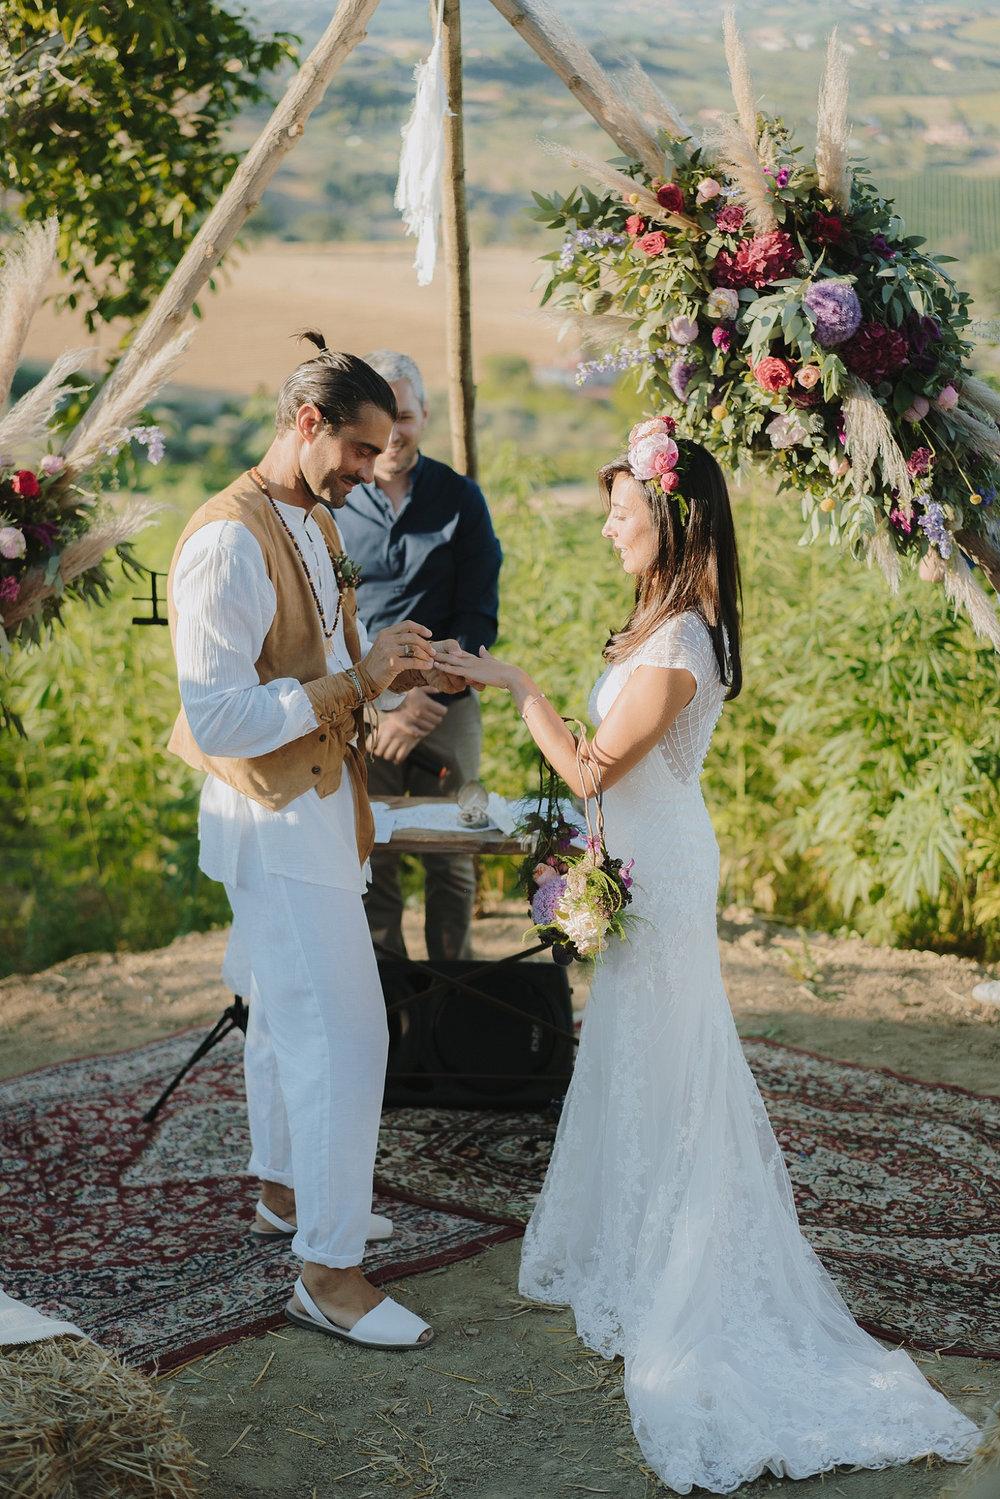 Gipsy Wedding in a Hemp Field